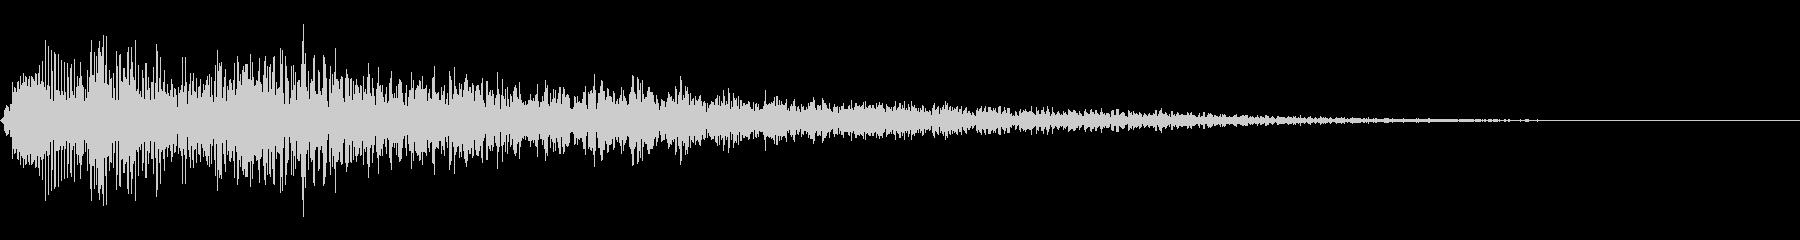 ゴージャスなキャンセル音1の未再生の波形